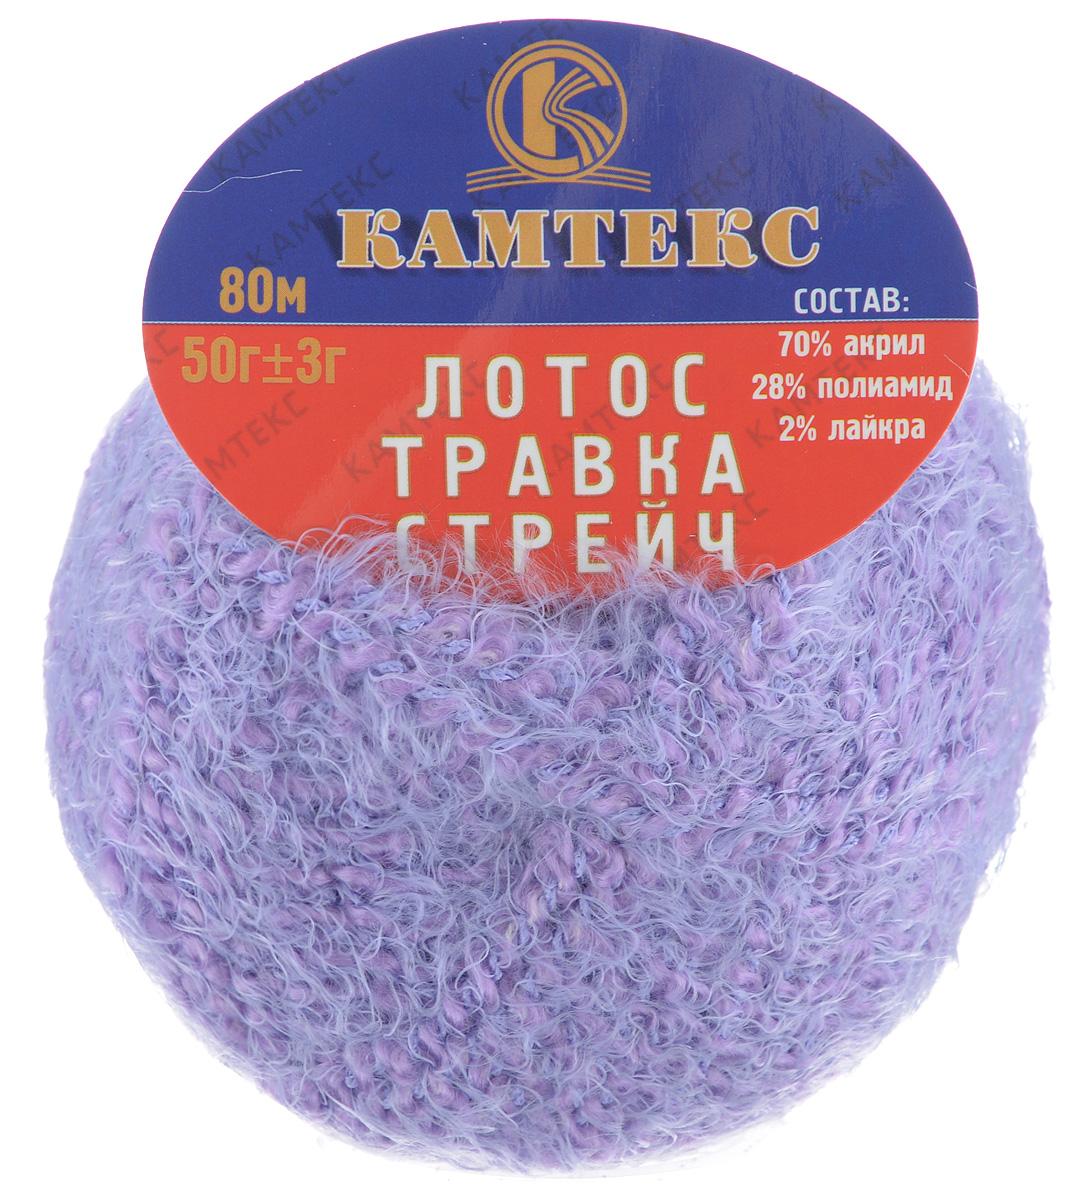 Пряжа для вязания Камтекс Лотос травка стрейч, цвет: сирень (058), 80 м, 50 г, 10 шт136081_058Пряжа для вязания Камтекс Лотос травка стрейч имеет интересный и необычный состав: 70% акрил, 28% полиамид, 2% лайкра. Акрил отвечает за мягкость, полиамид за прочность и формоустойчивость, а лайкра делает полотно необыкновенно эластичным. Эта волшебная плюшевая ниточка удивляет своей мягкостью, вяжется очень просто и быстро, ворсинки не путаются. Из этой пряжи получатся замечательные мягкие игрушки, которые будут не только приятны, но и абсолютно безопасны для маленьких детей. А яркие и сочные оттенки подарят ребенку радость и хорошее настроение. Рекомендуемый размер крючка и спиц: №3-6. Состав: 70% акрил, 28% полиамид, 2% лайкра.